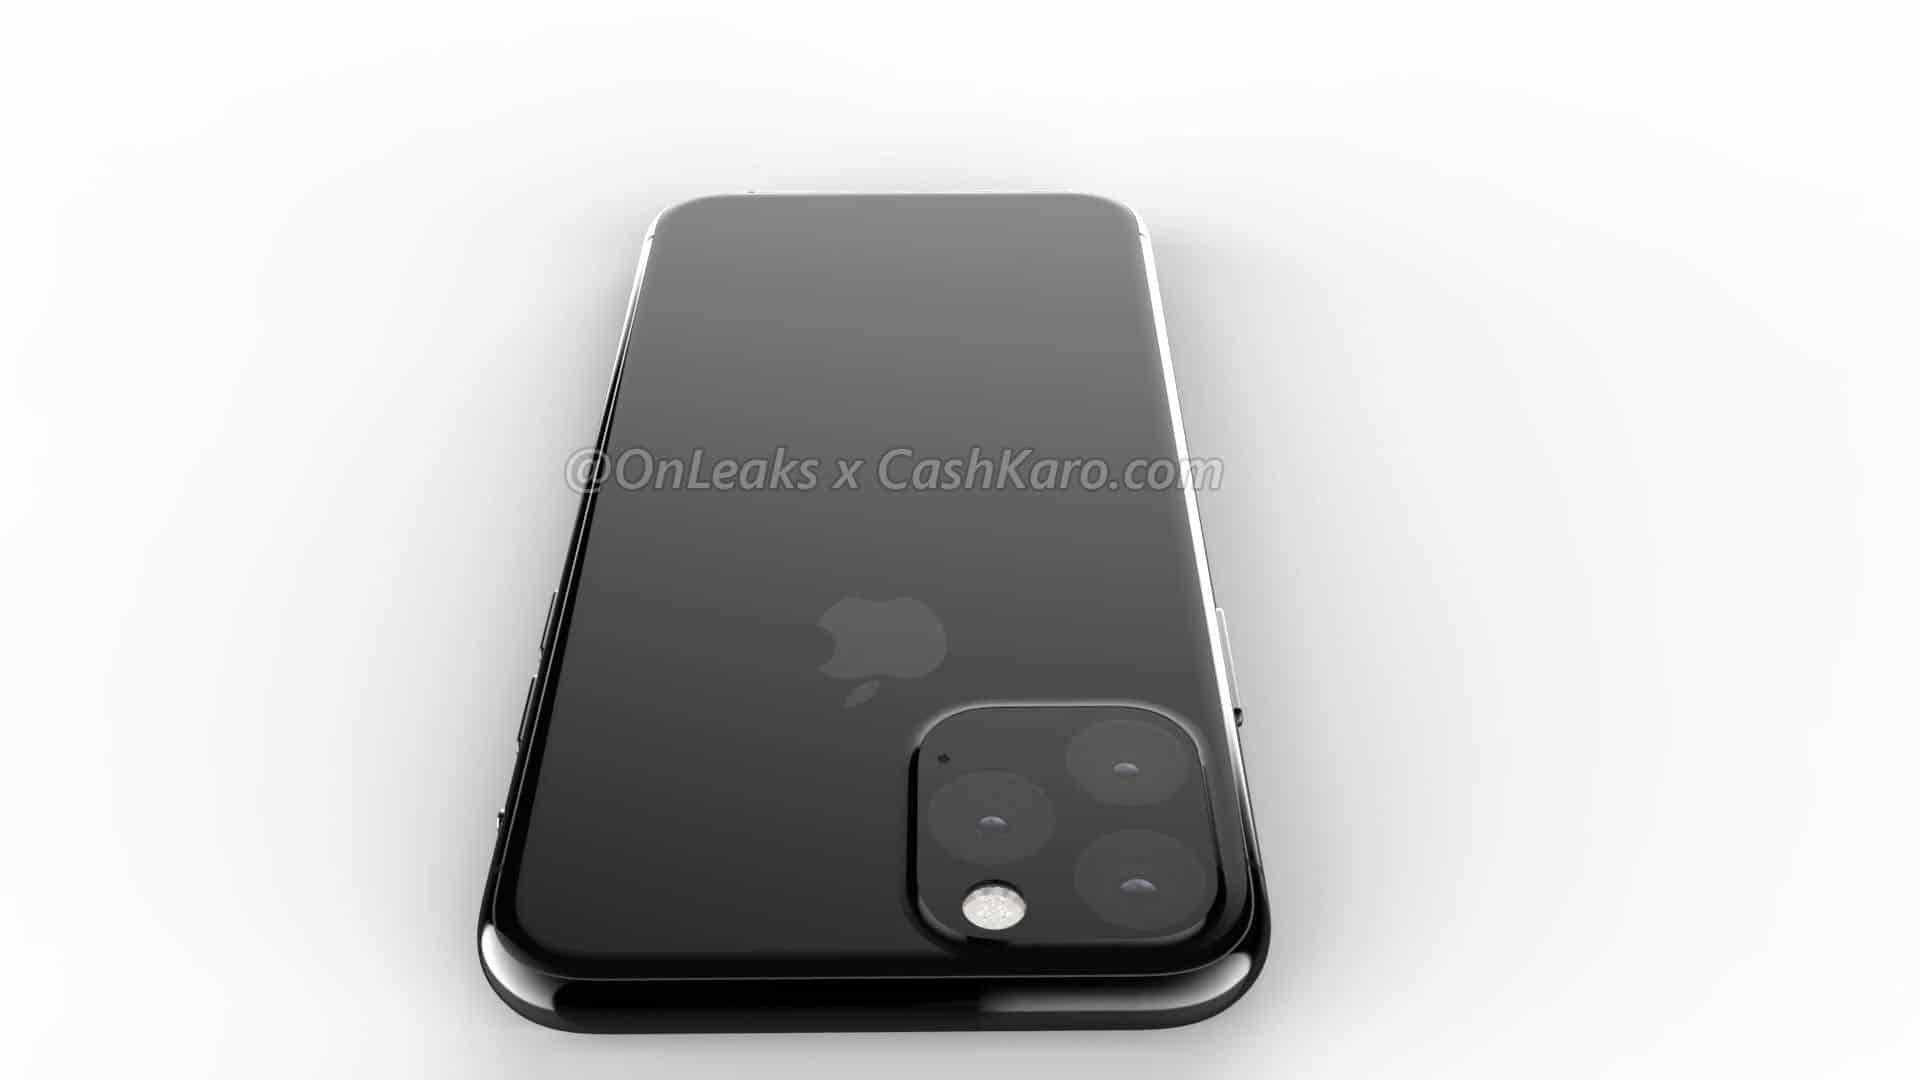 เผยภาพเรนเดอร์ iPhone XI ด้านหน้าเหมือนเดิม ด้านหลังใช้กล้อง 3 ตัว 5